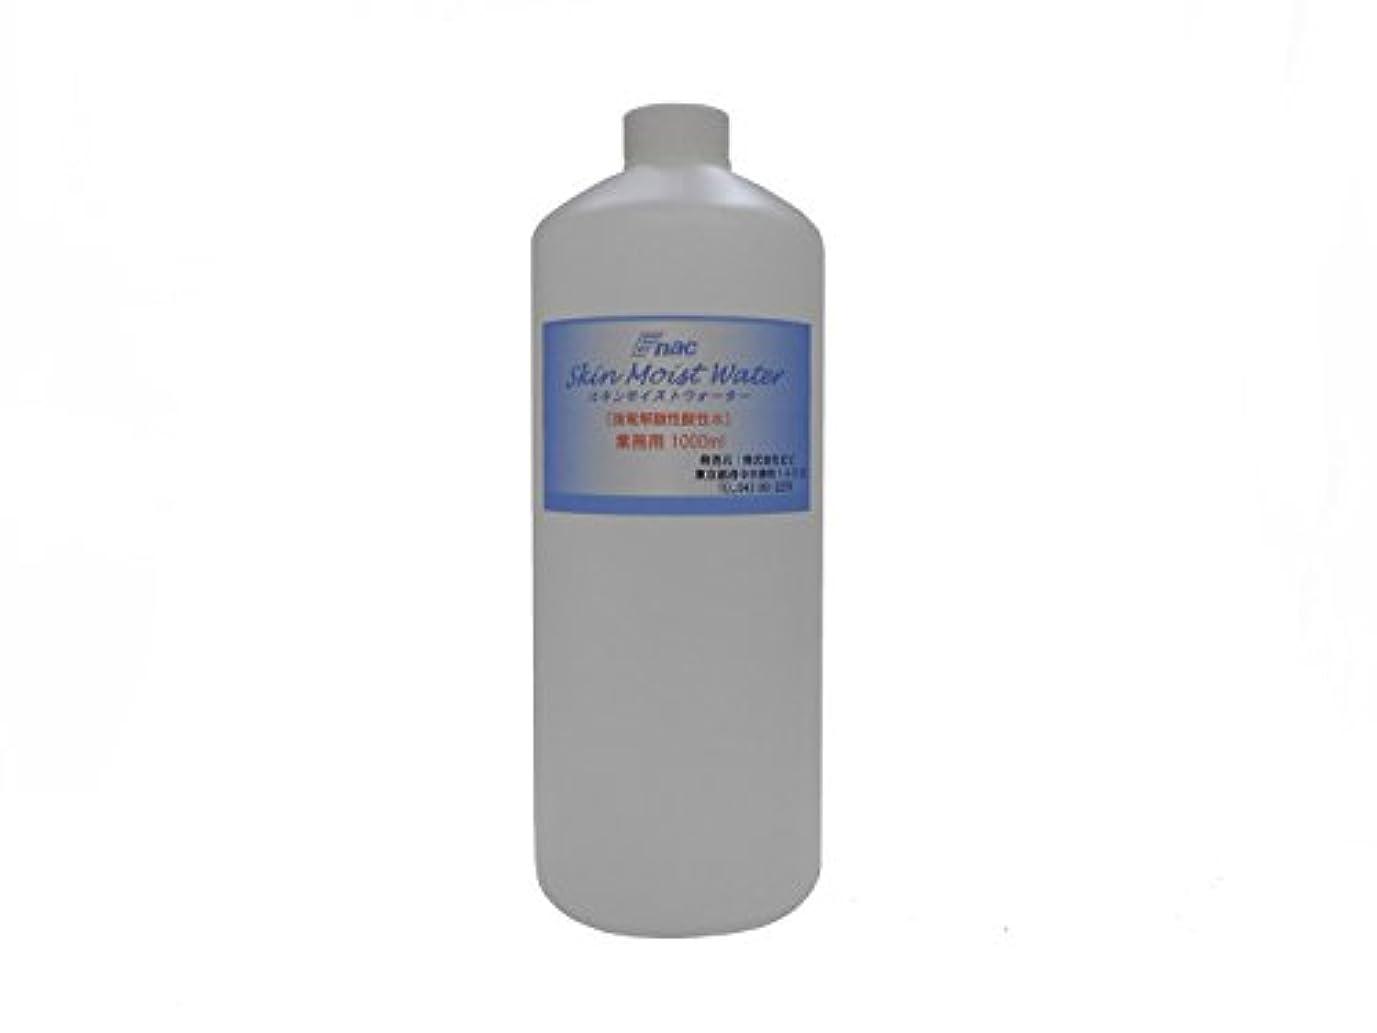 調停者手書き摂動強電解 酸性水 化粧水 スキンモイスト ウォーター 1L 業務用